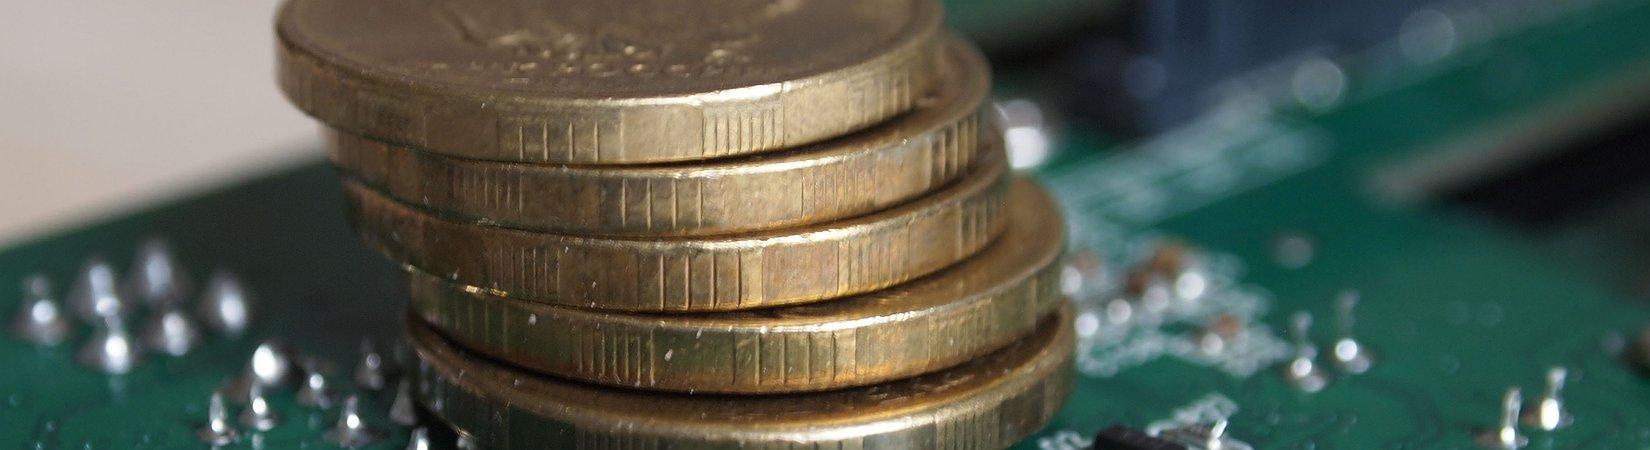 El Bitcoin Cash podría convertirse en una de las principales altcoins